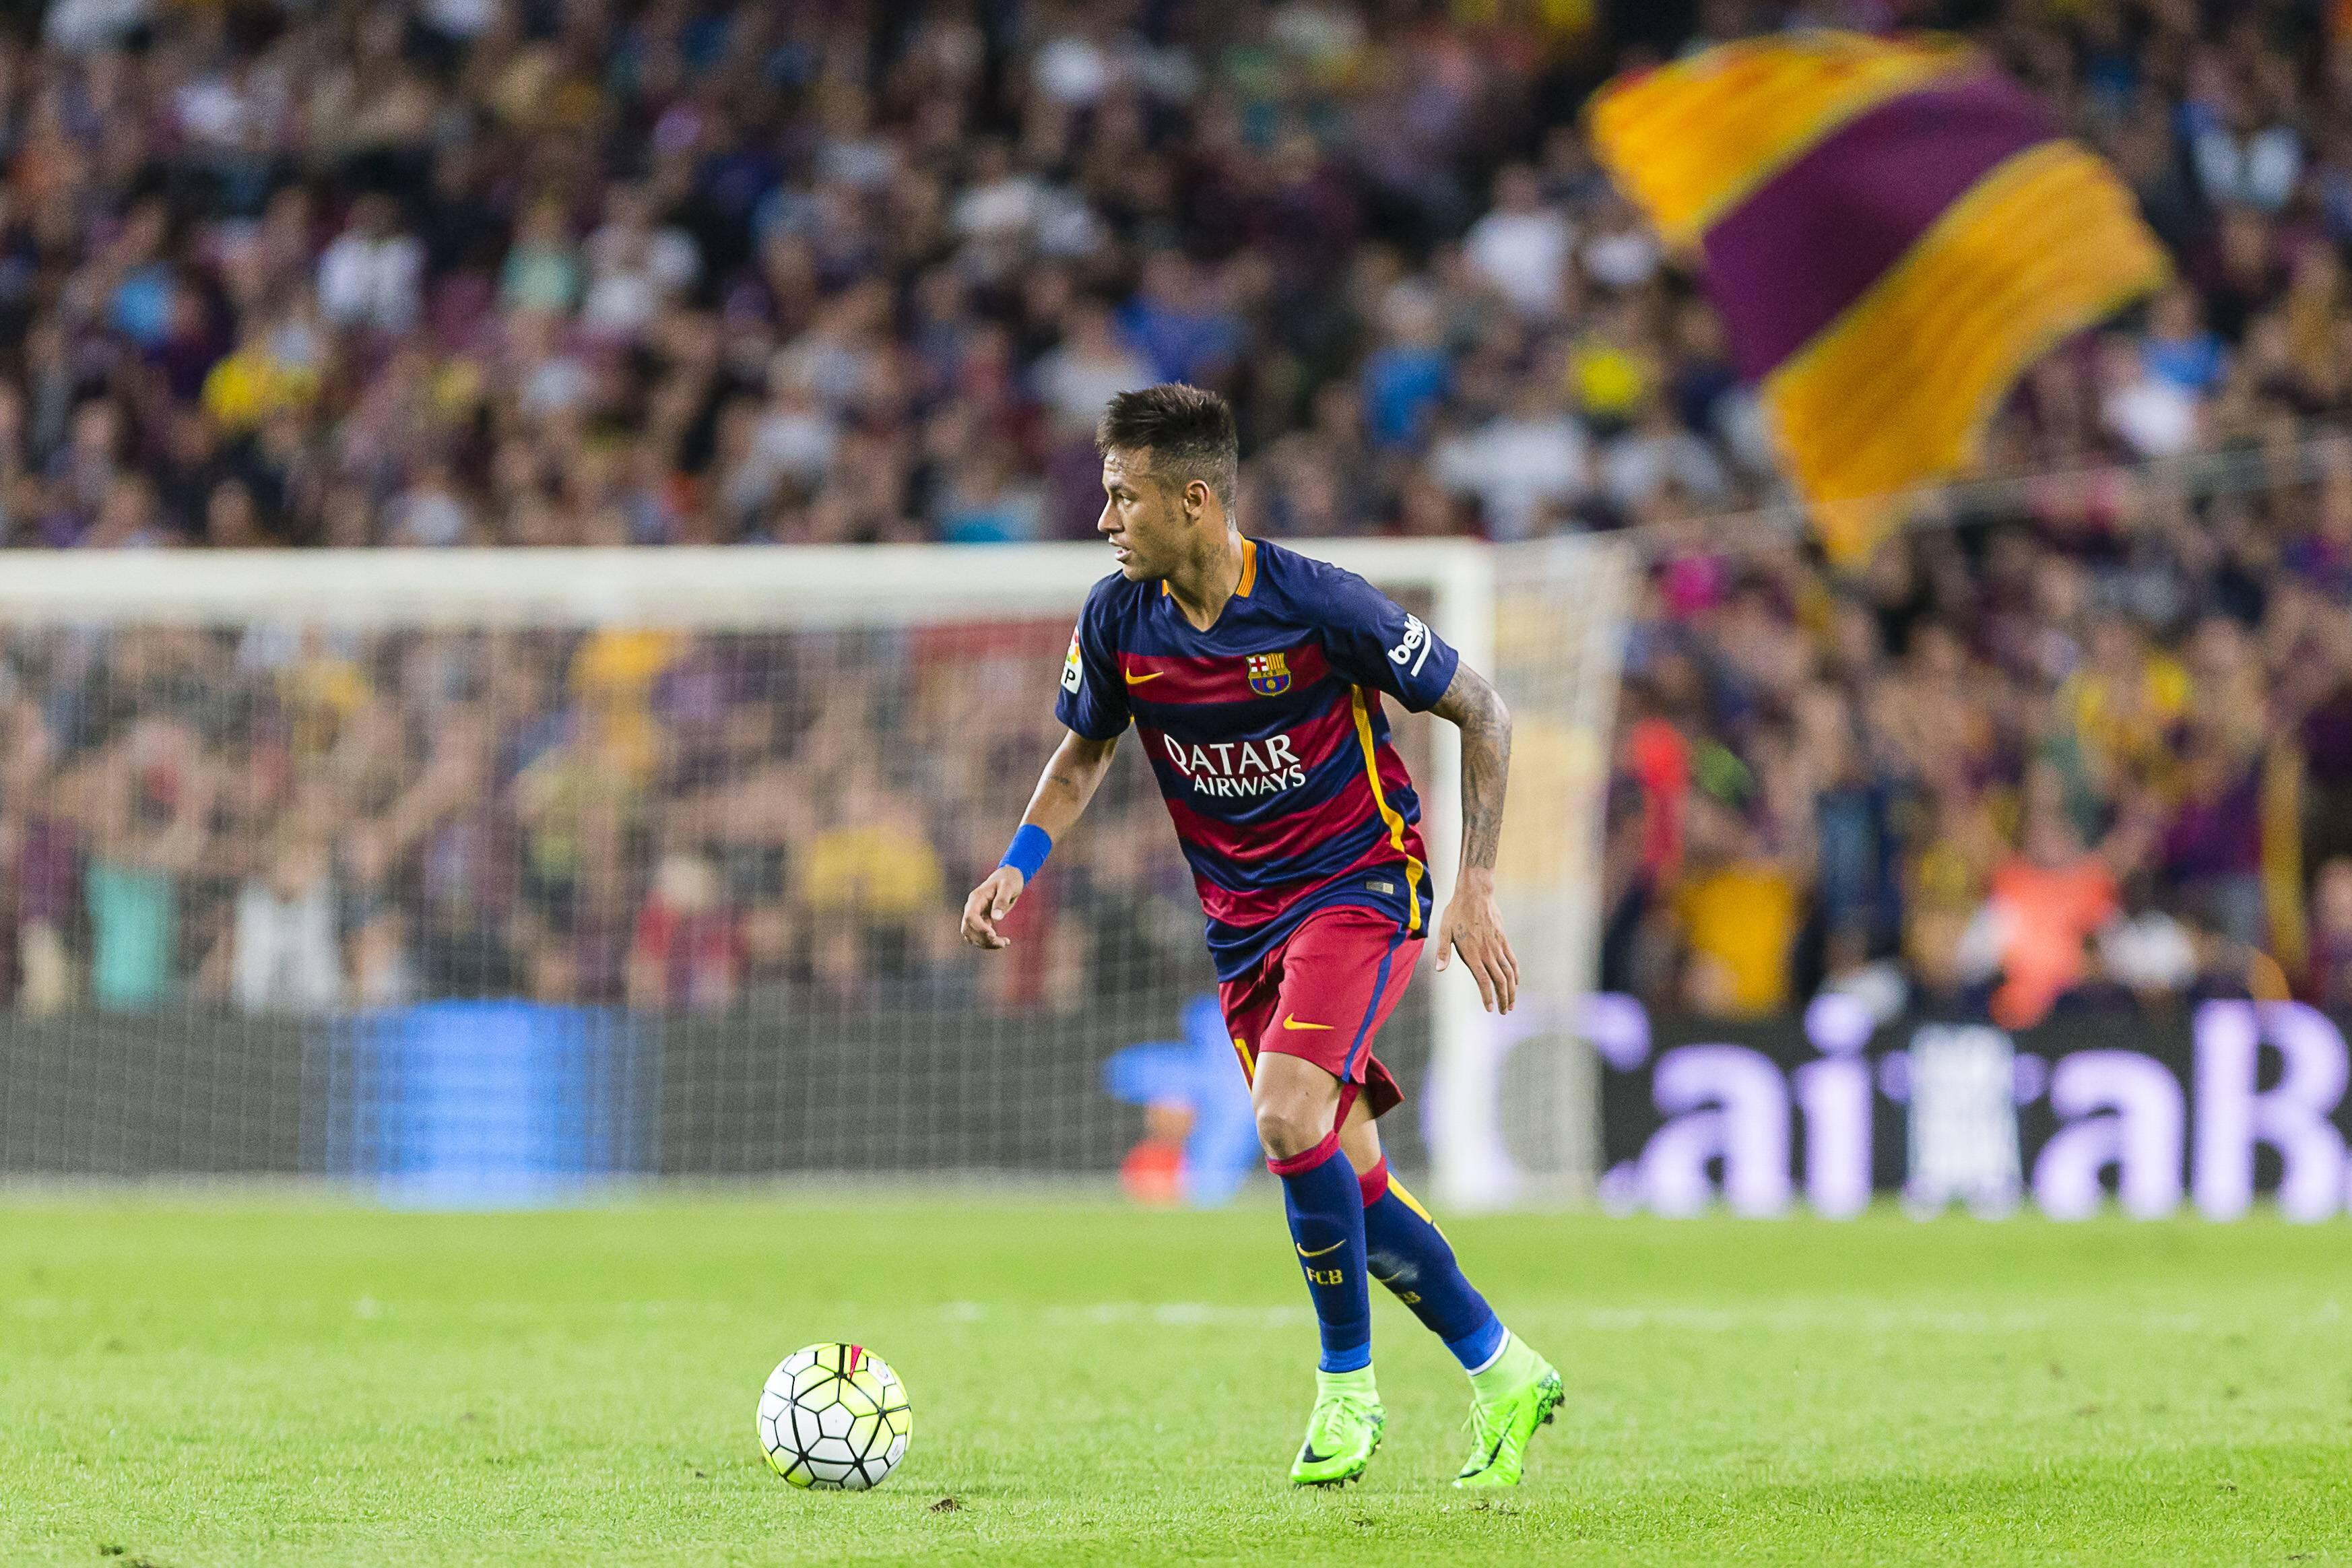 Neymar vom FC Barcelona war bei Manchester United im Gespräch